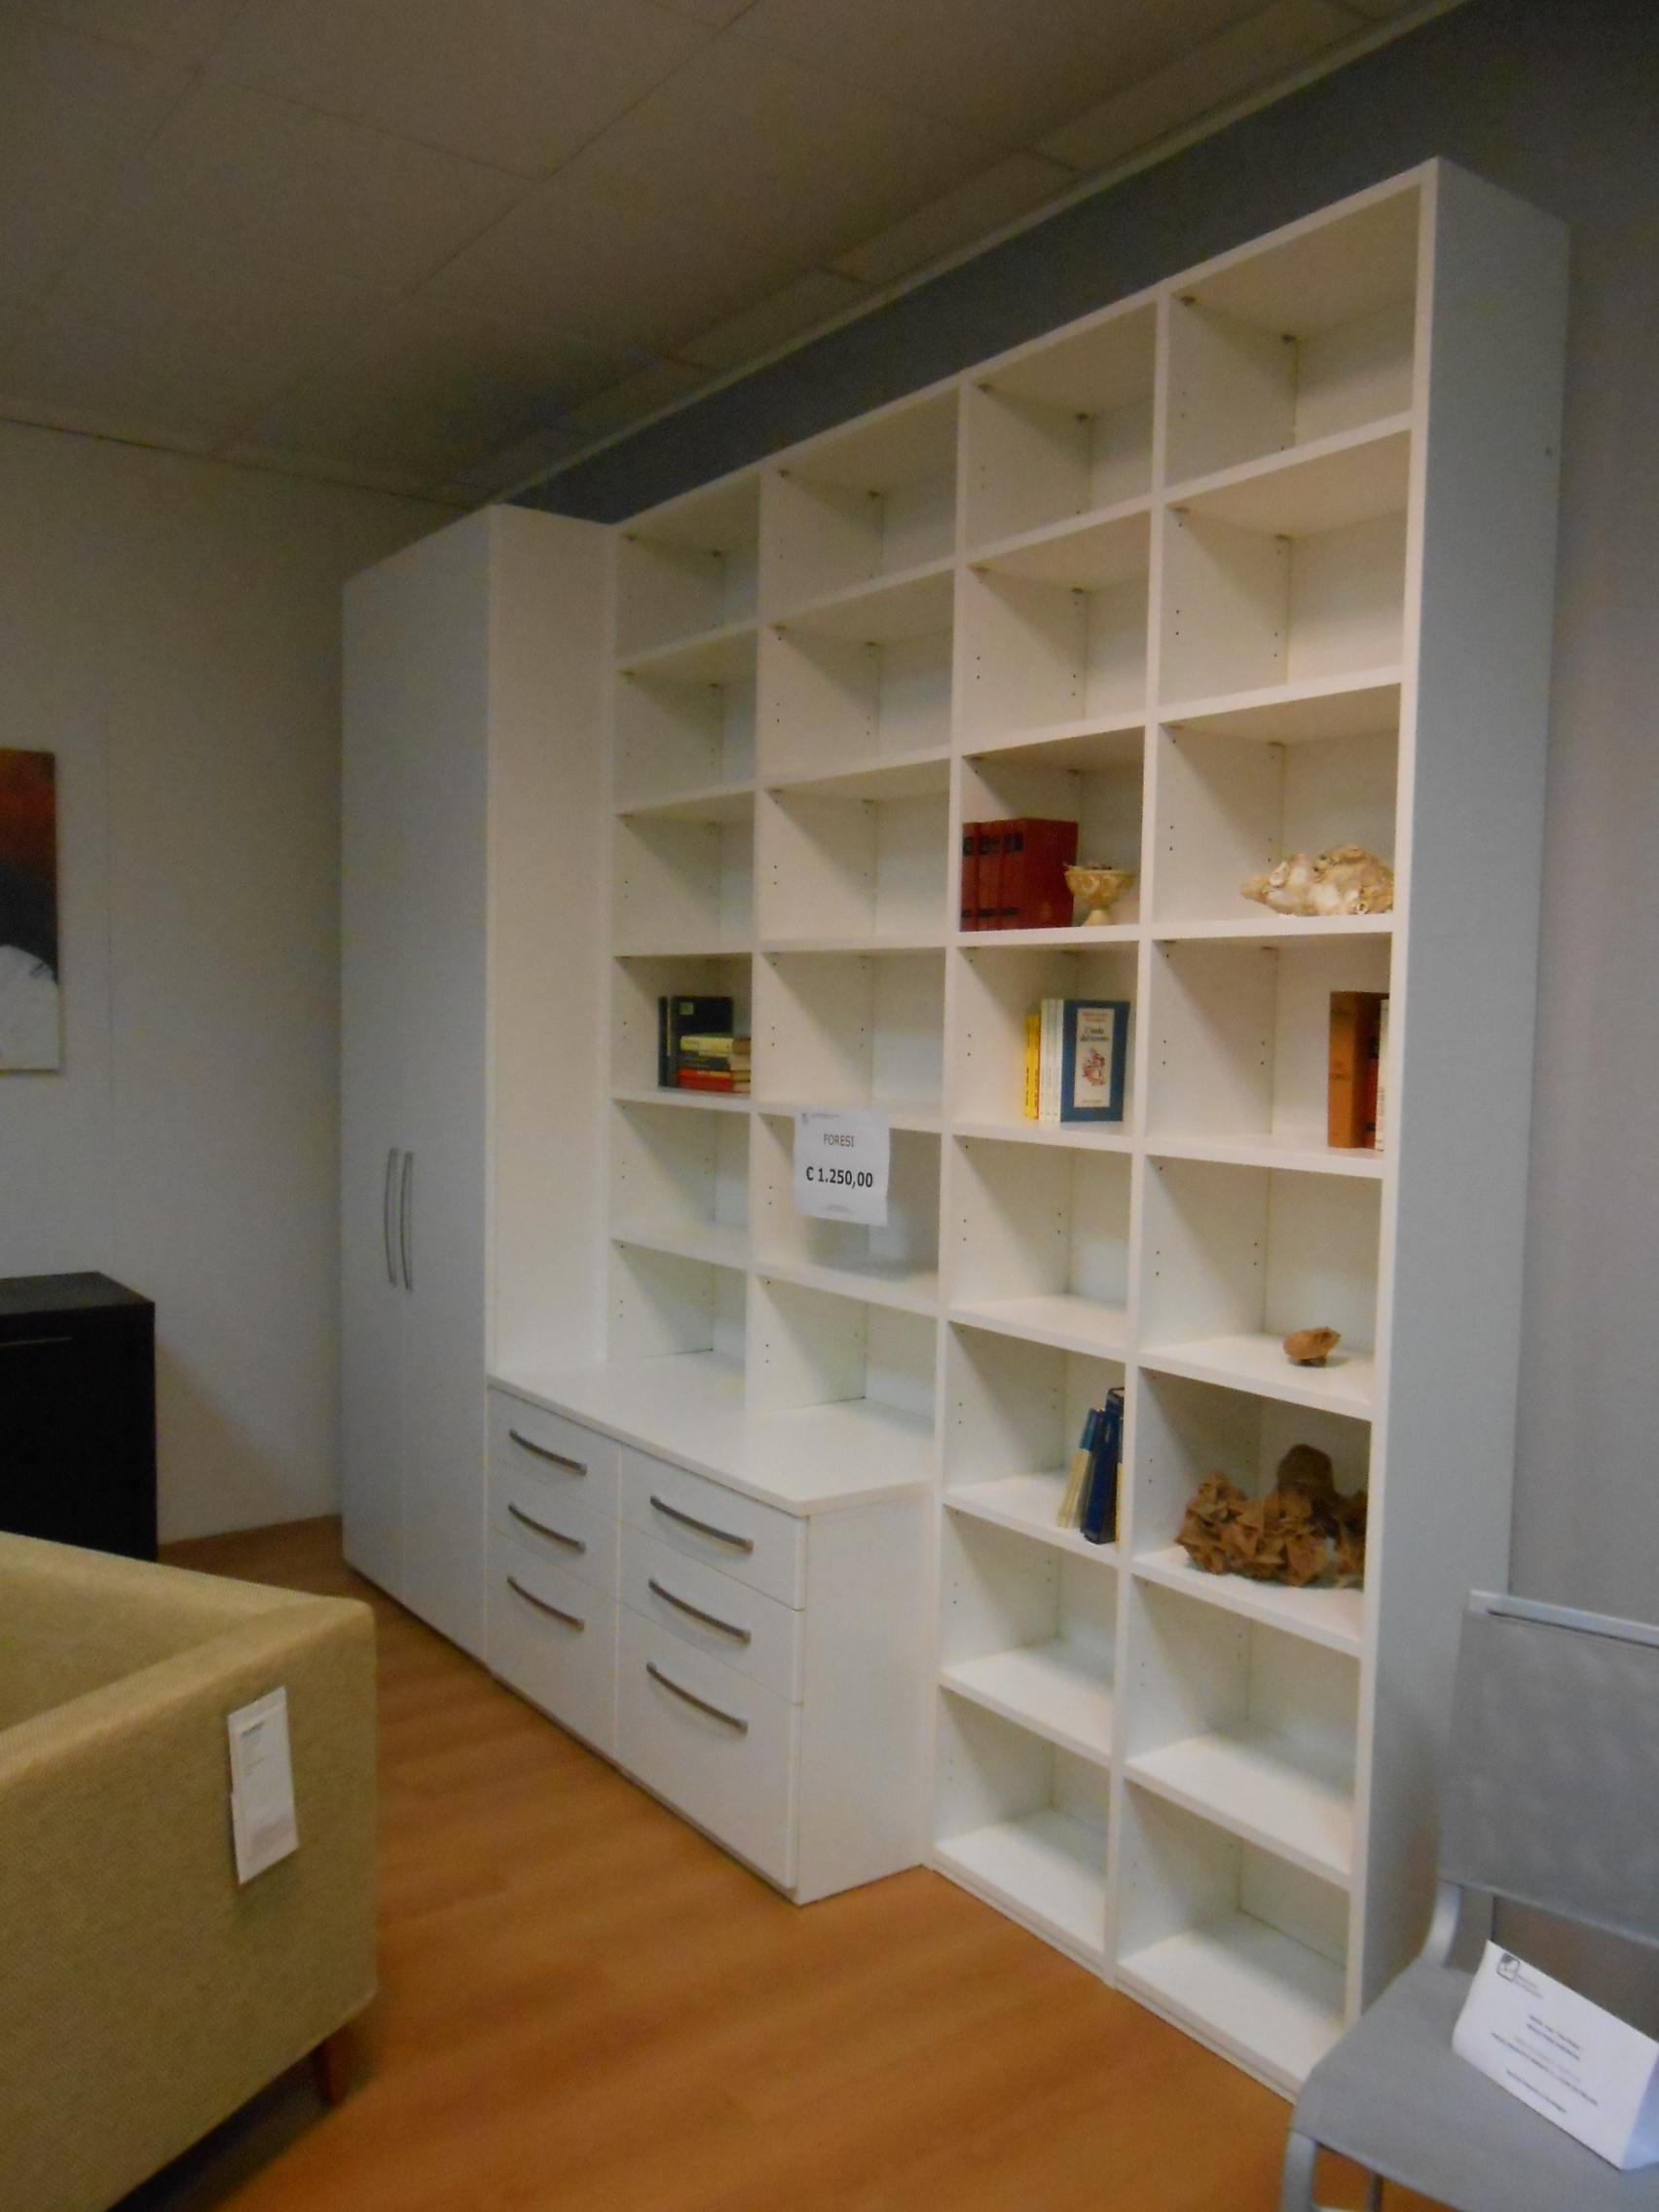 Plafoniere cucina moderni - Librerie mobili prezzi ...